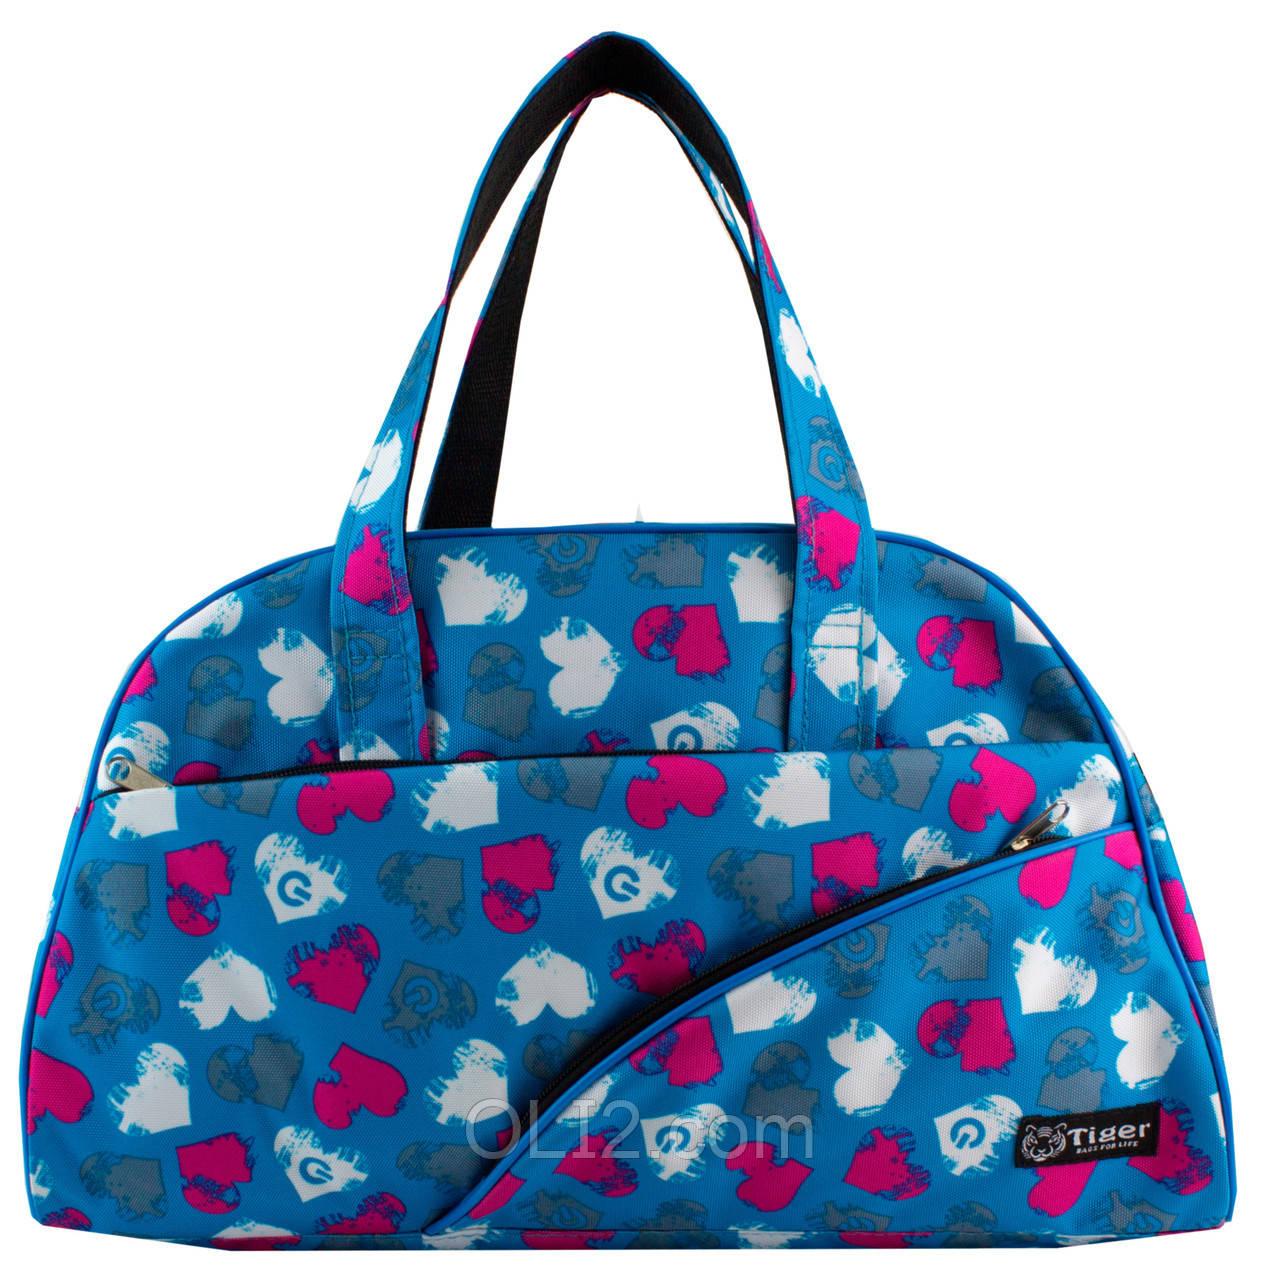 Сумки фитнес Tiger спортивная сумка  сердечки голубые